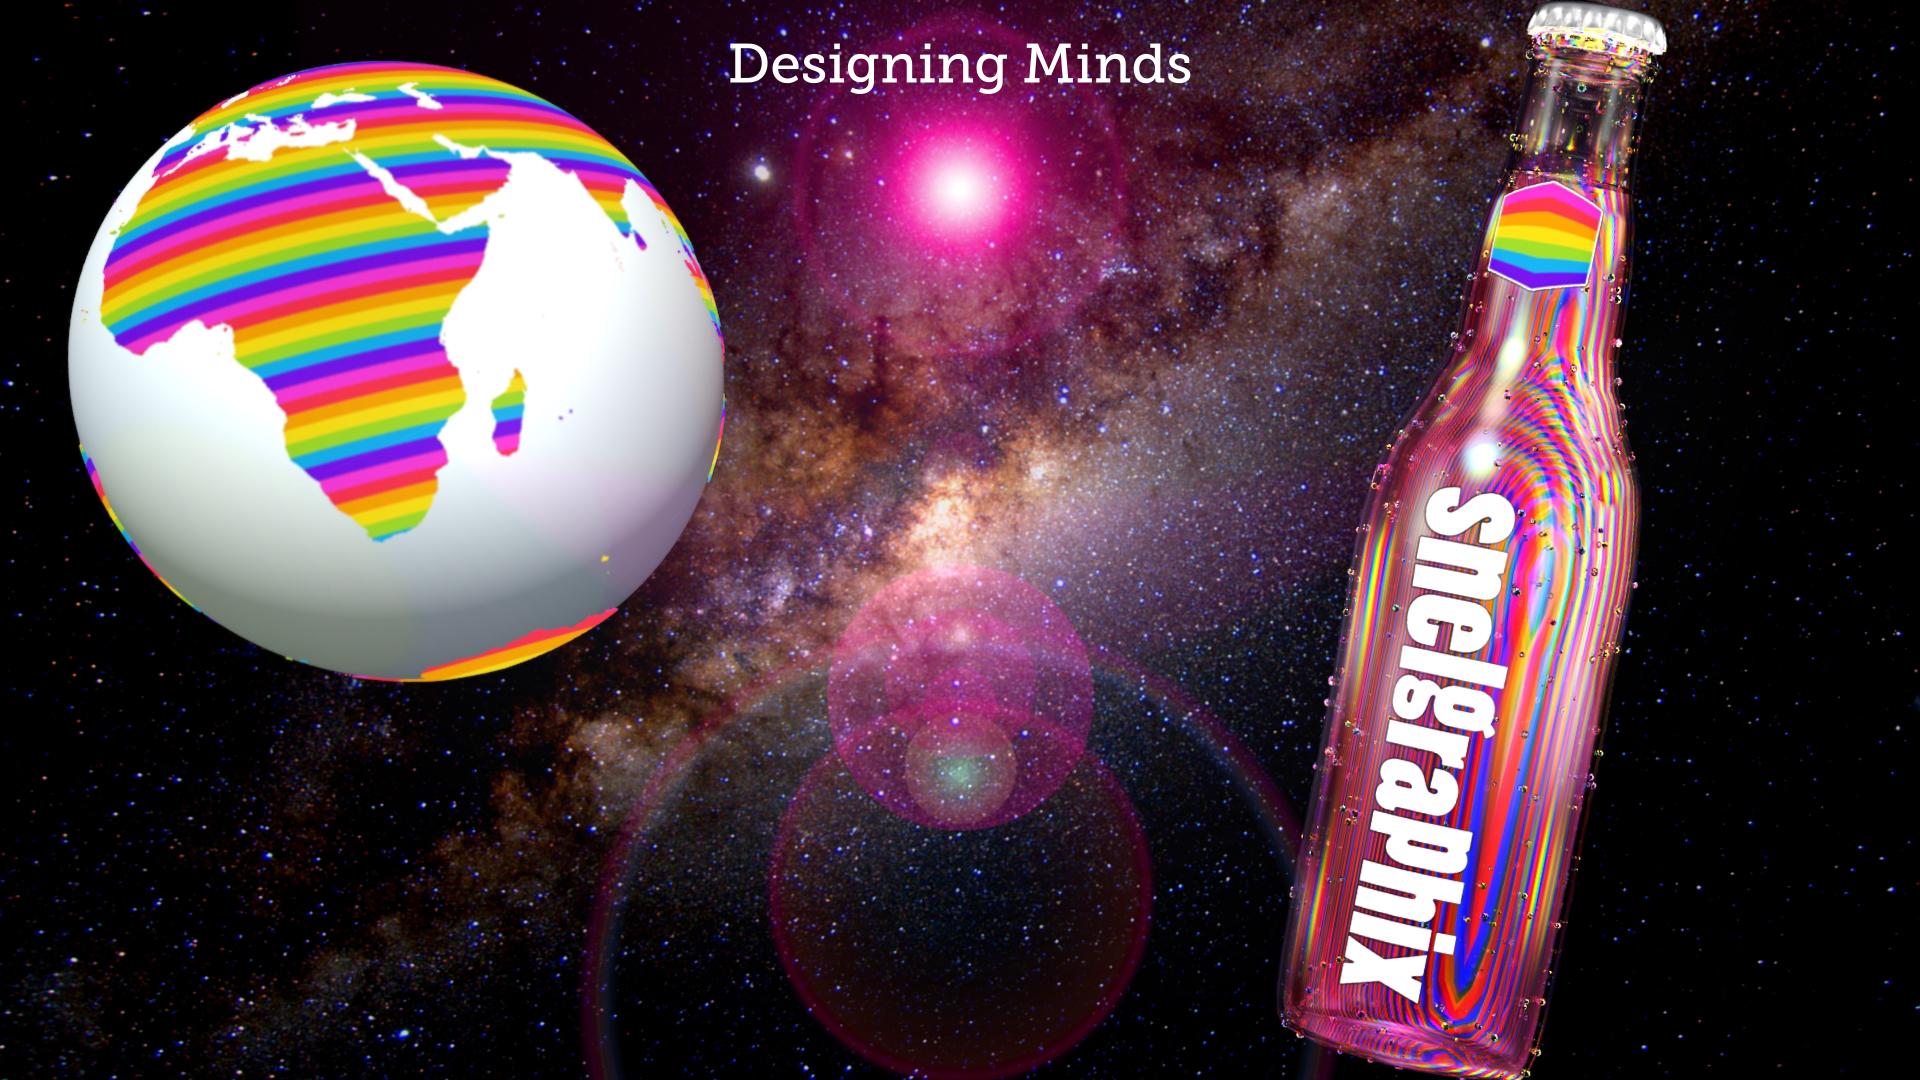 Snelgraphix Designing Minds